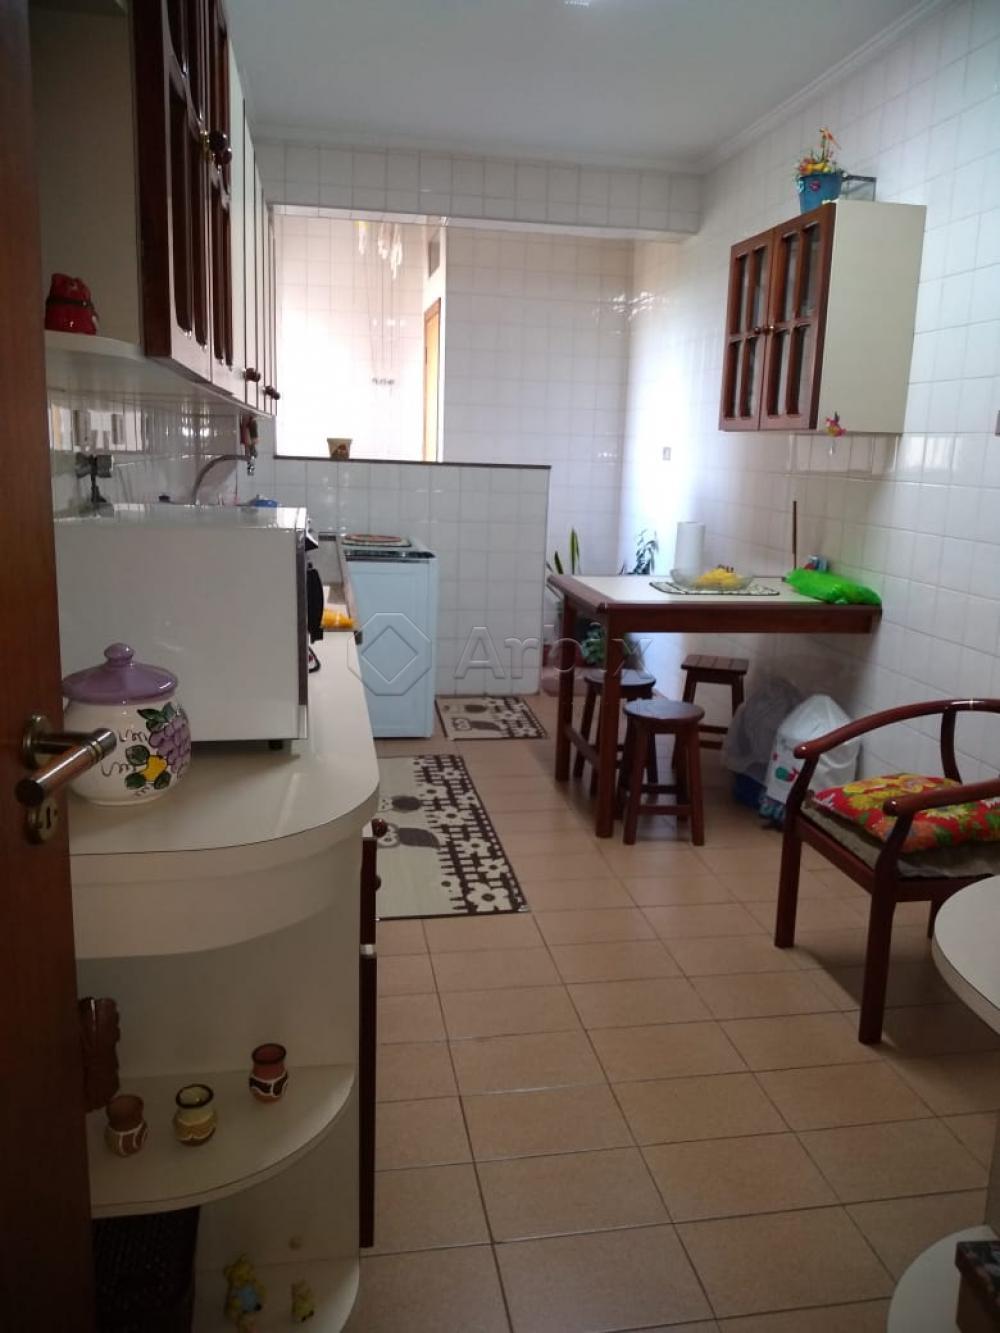 Comprar Apartamento / Padrão em Americana apenas R$ 280.000,00 - Foto 6